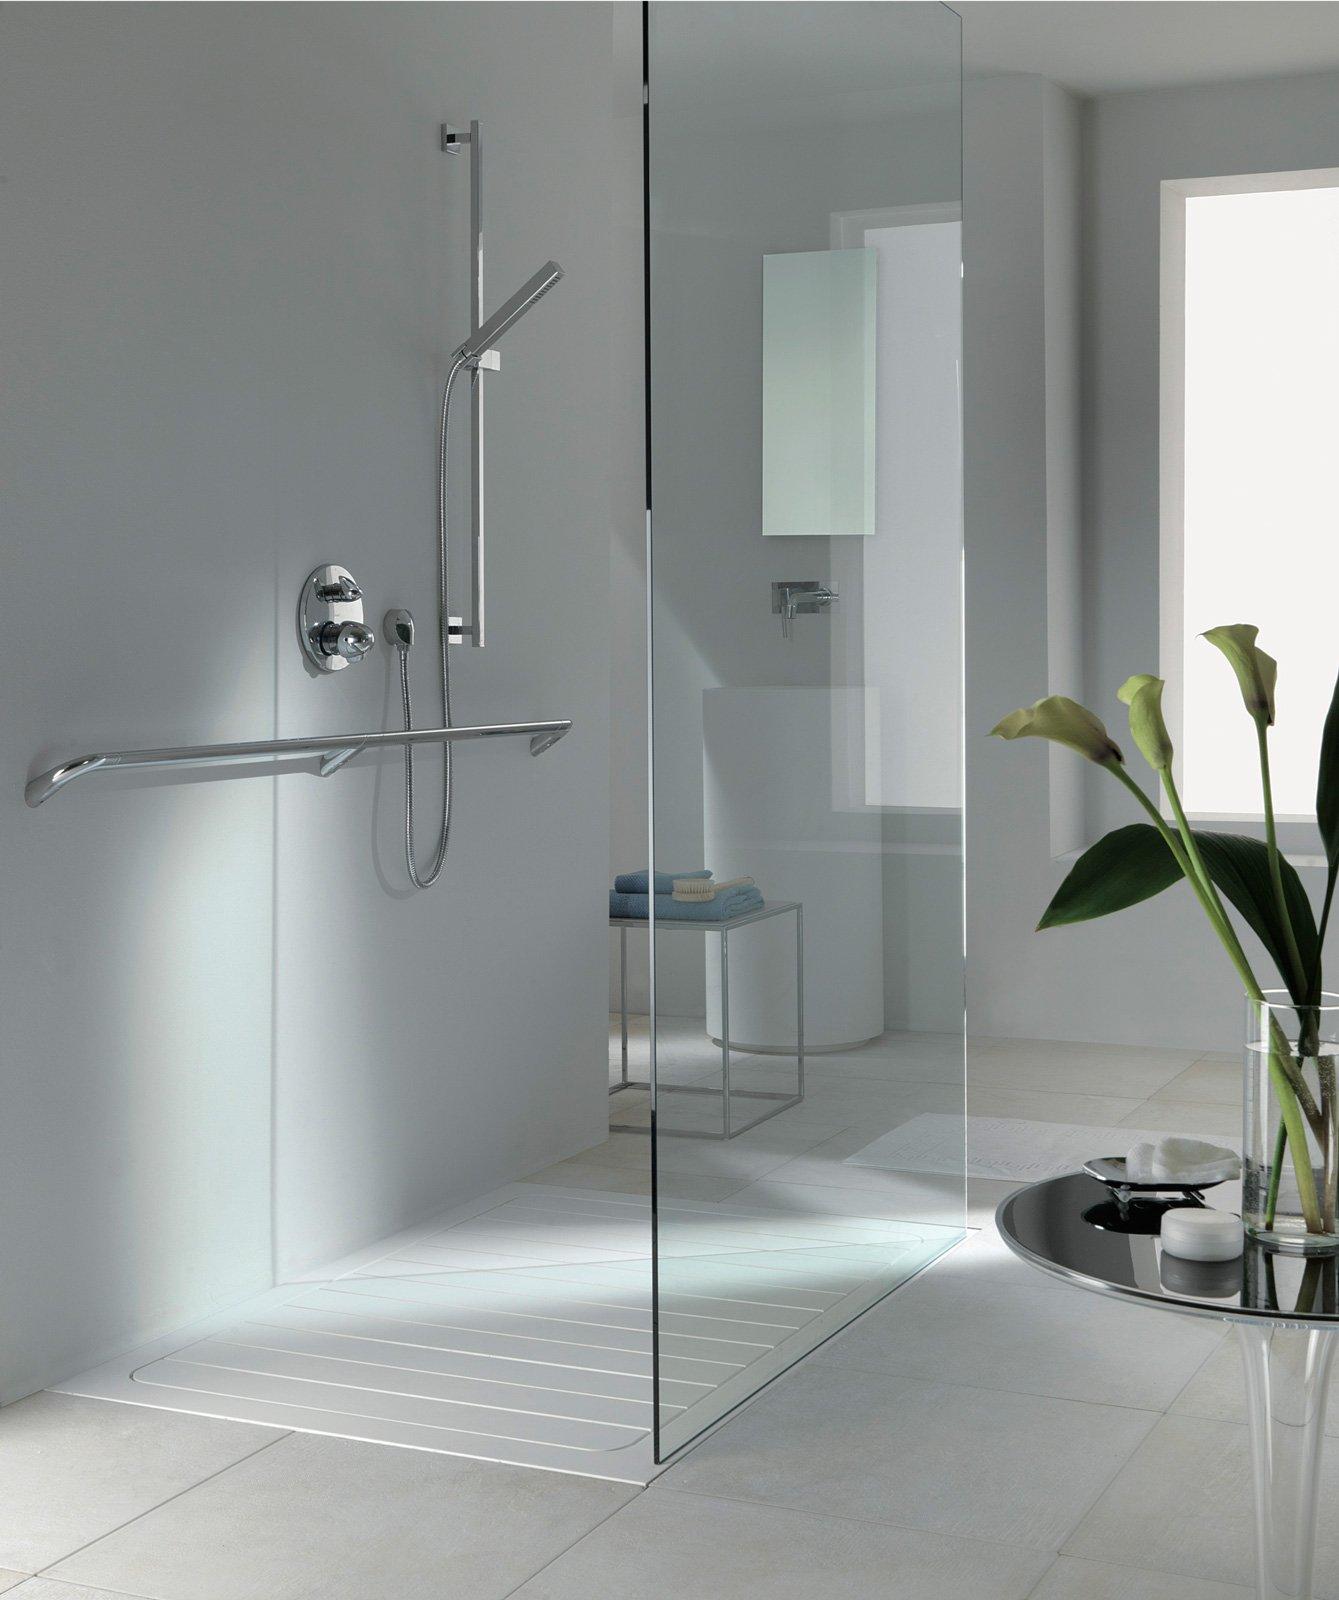 Piatti doccia a filo per un bagno trendy cose di casa - Doccia senza piatto doccia ...